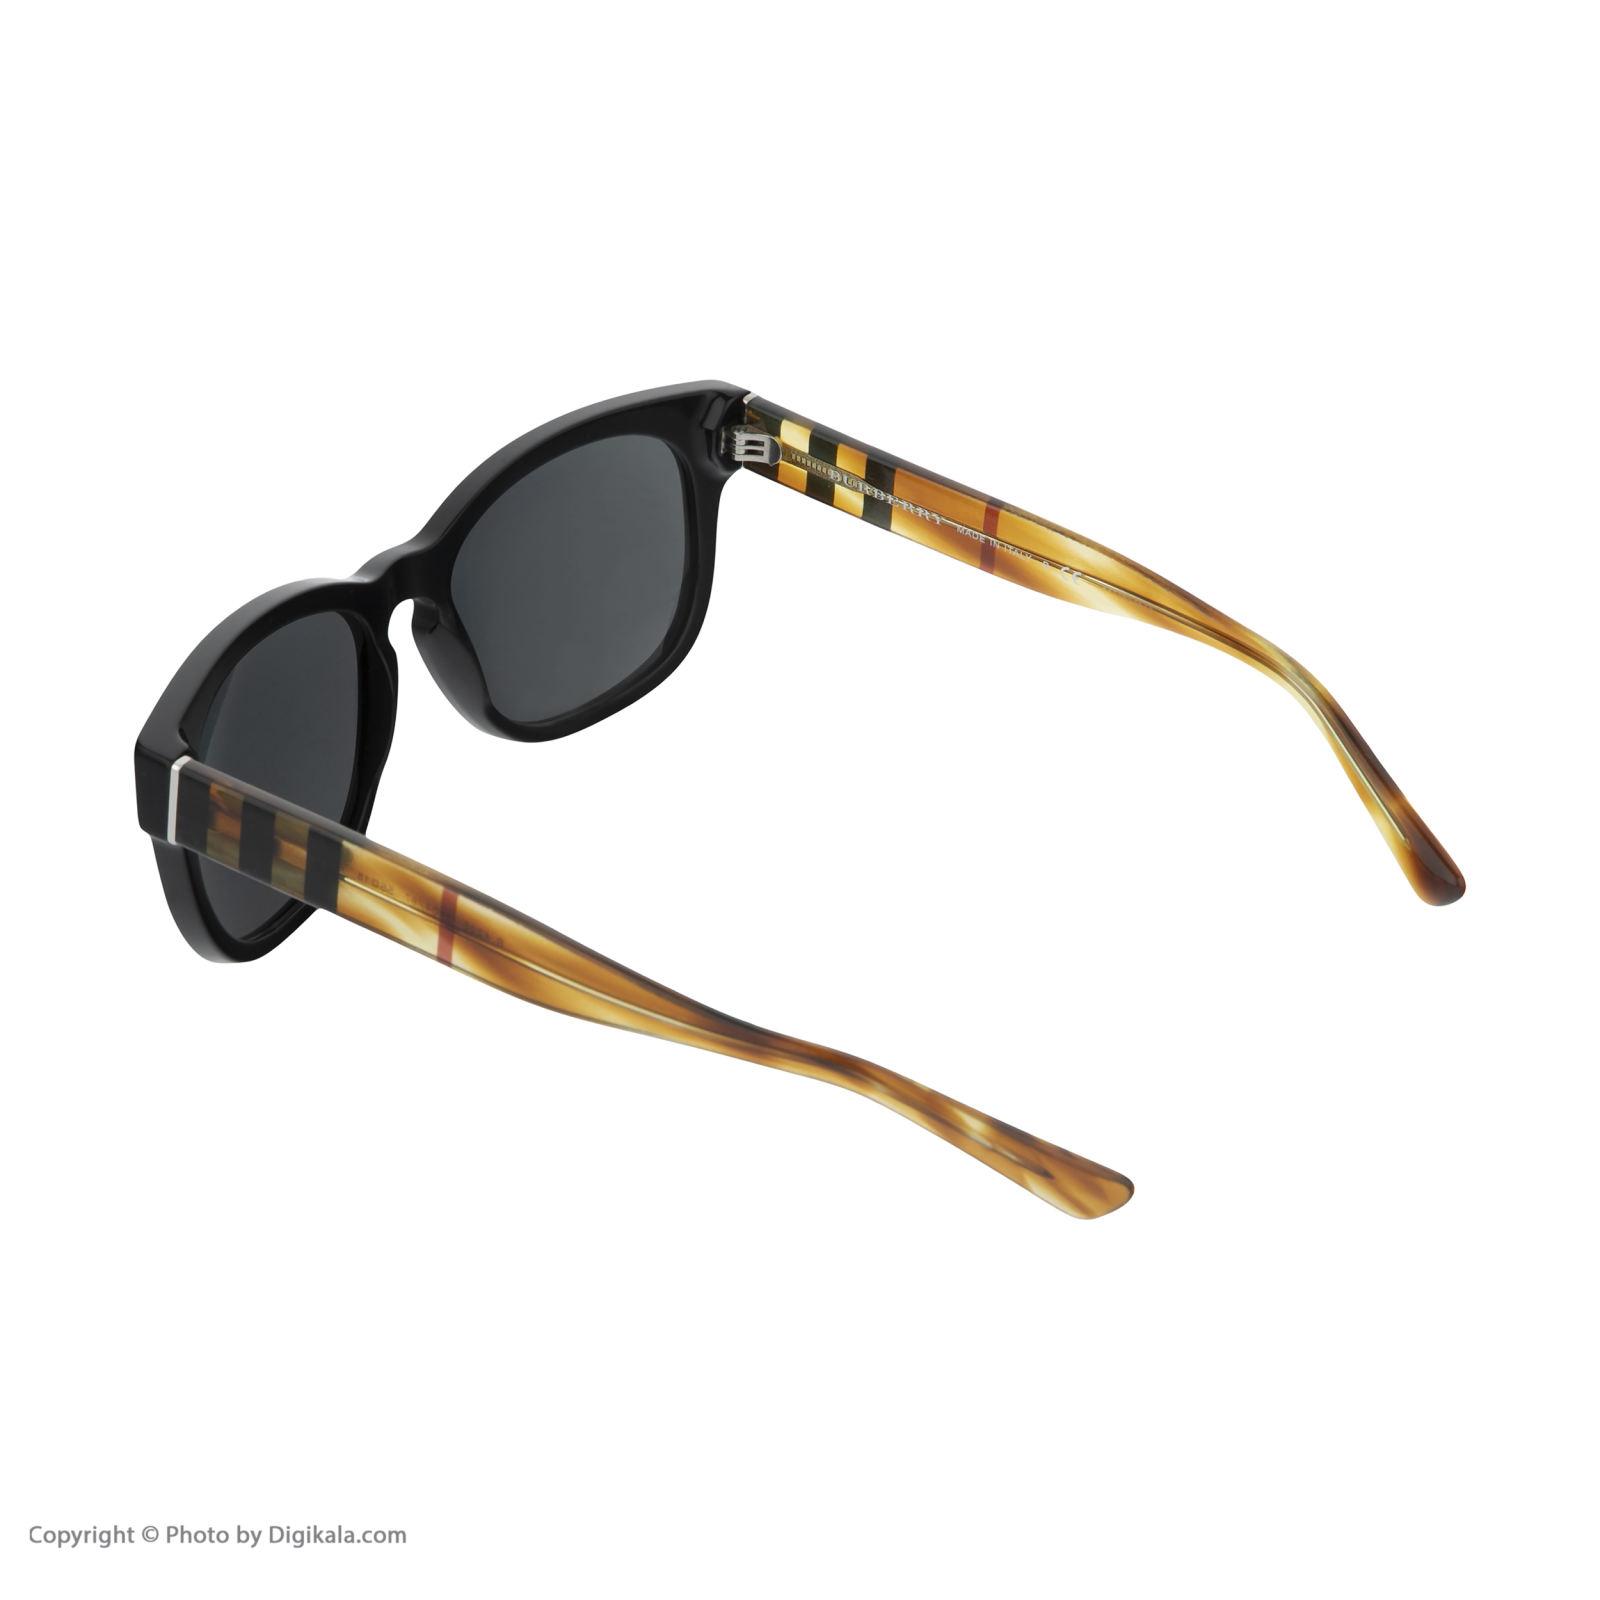 عینک آفتابی مردانه بربری مدل BE 4226S 360487 55 -  - 6